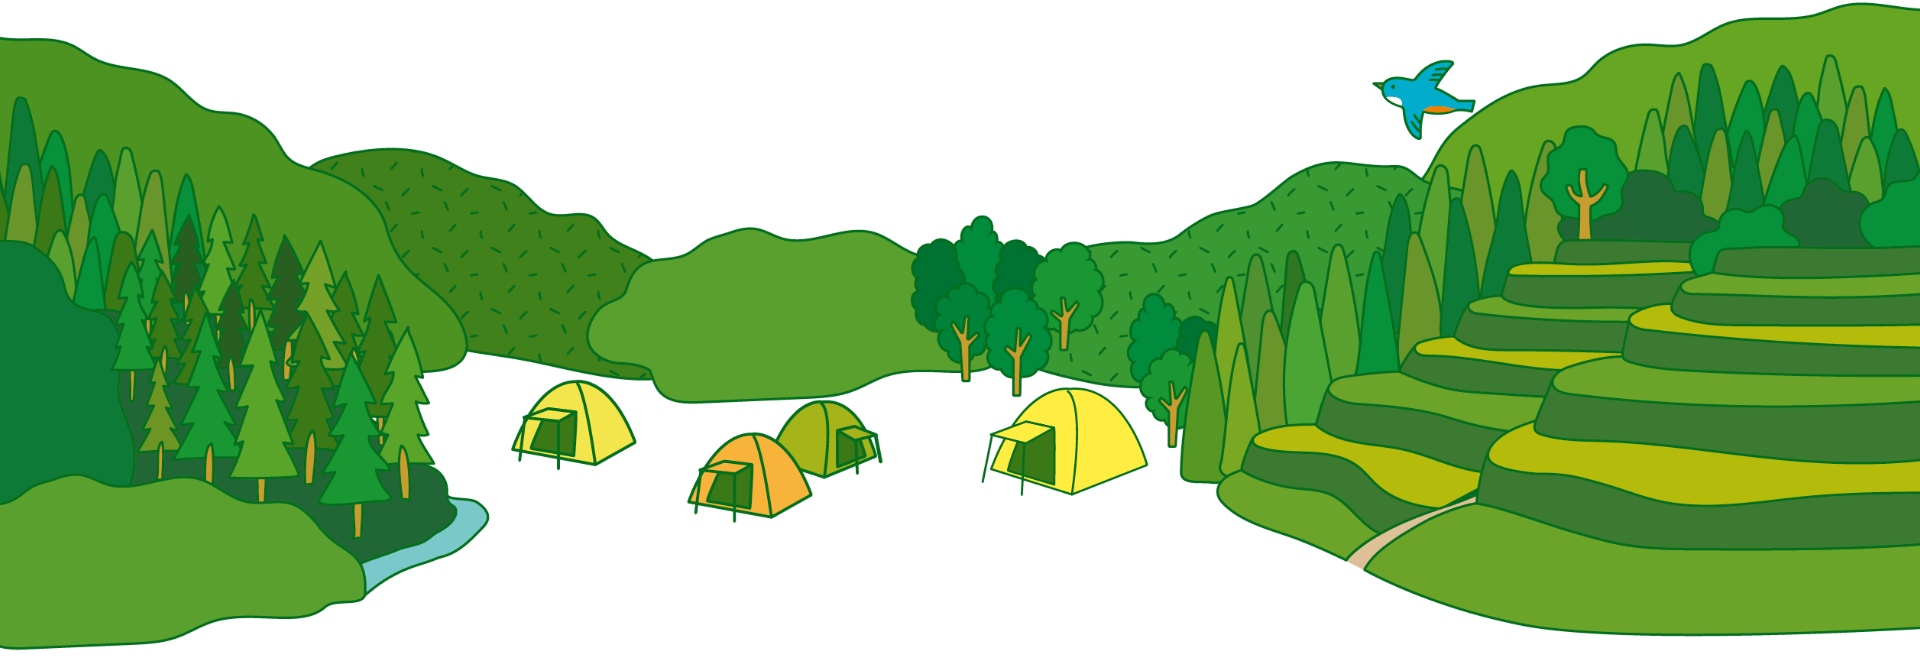 camp BG image